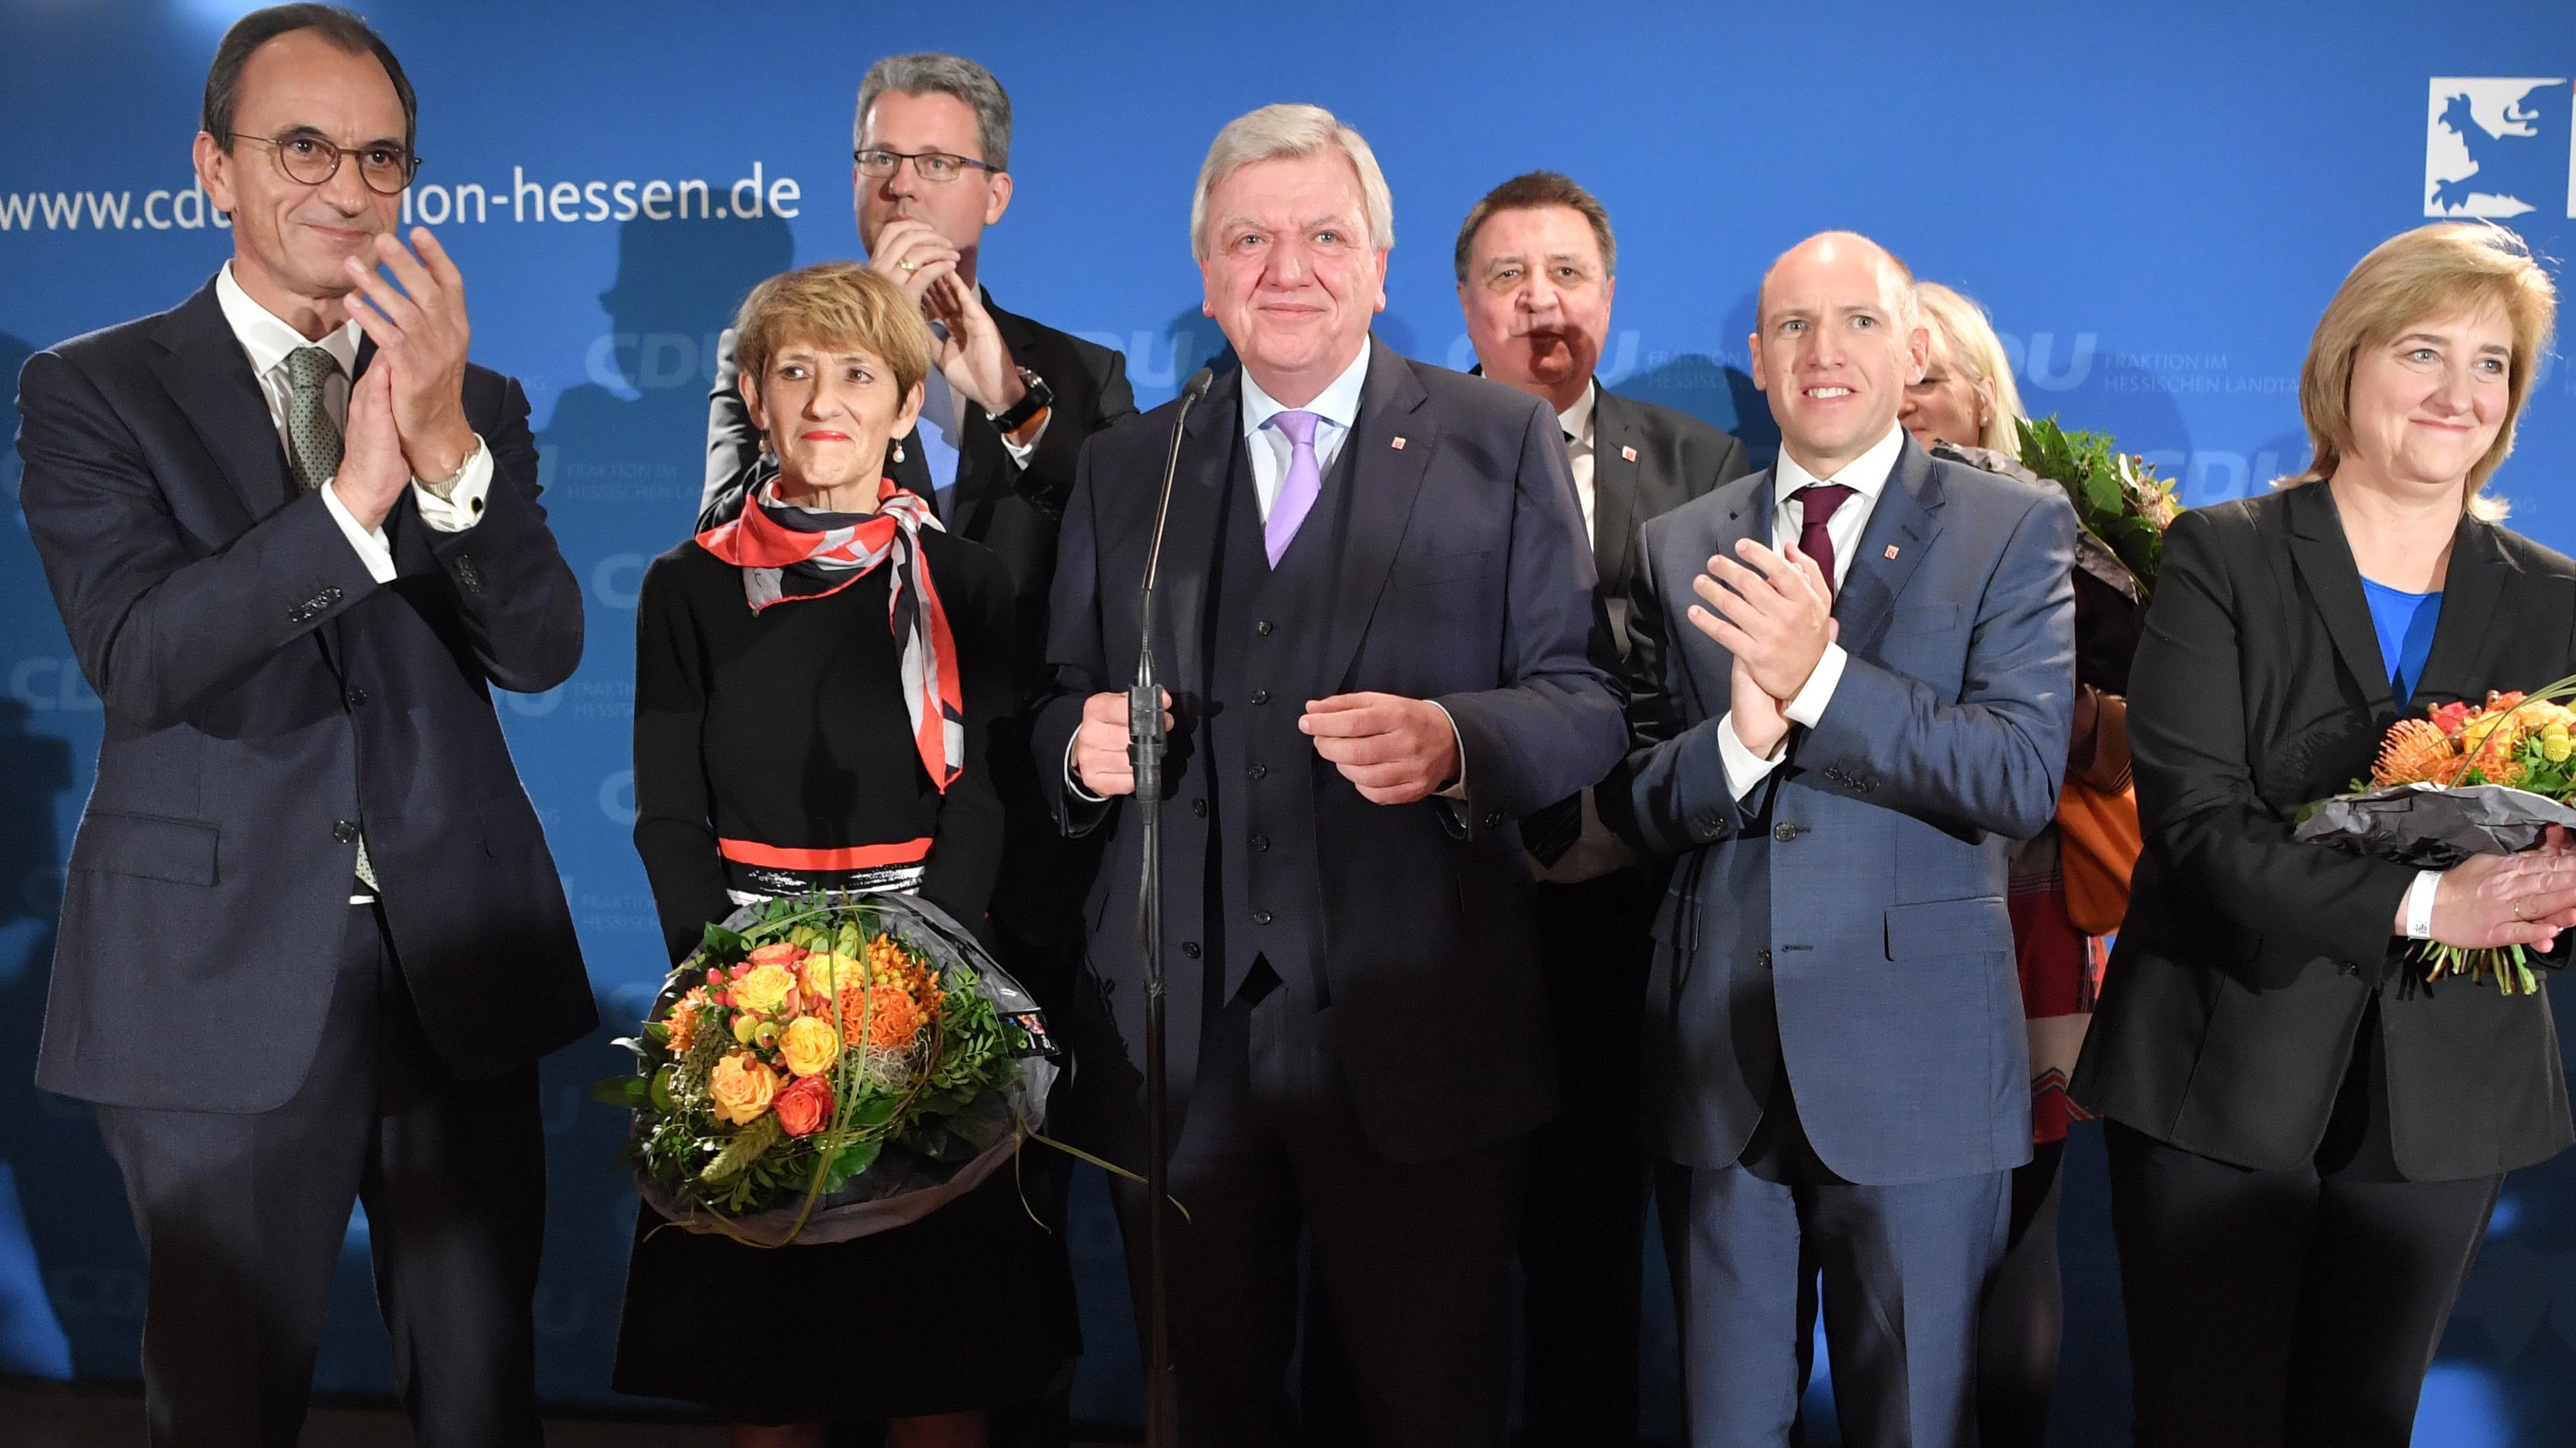 Volker Bouffier (CDU, M), Ministerpräsident von Hessen, steht im Landtag von Hessen neben seiner Ehefrau Ursula (2.v.l) und Michael Boddenberg (l), Fraktionsvorsitzender, vor den Anhängern der CDU auf der Bühne.